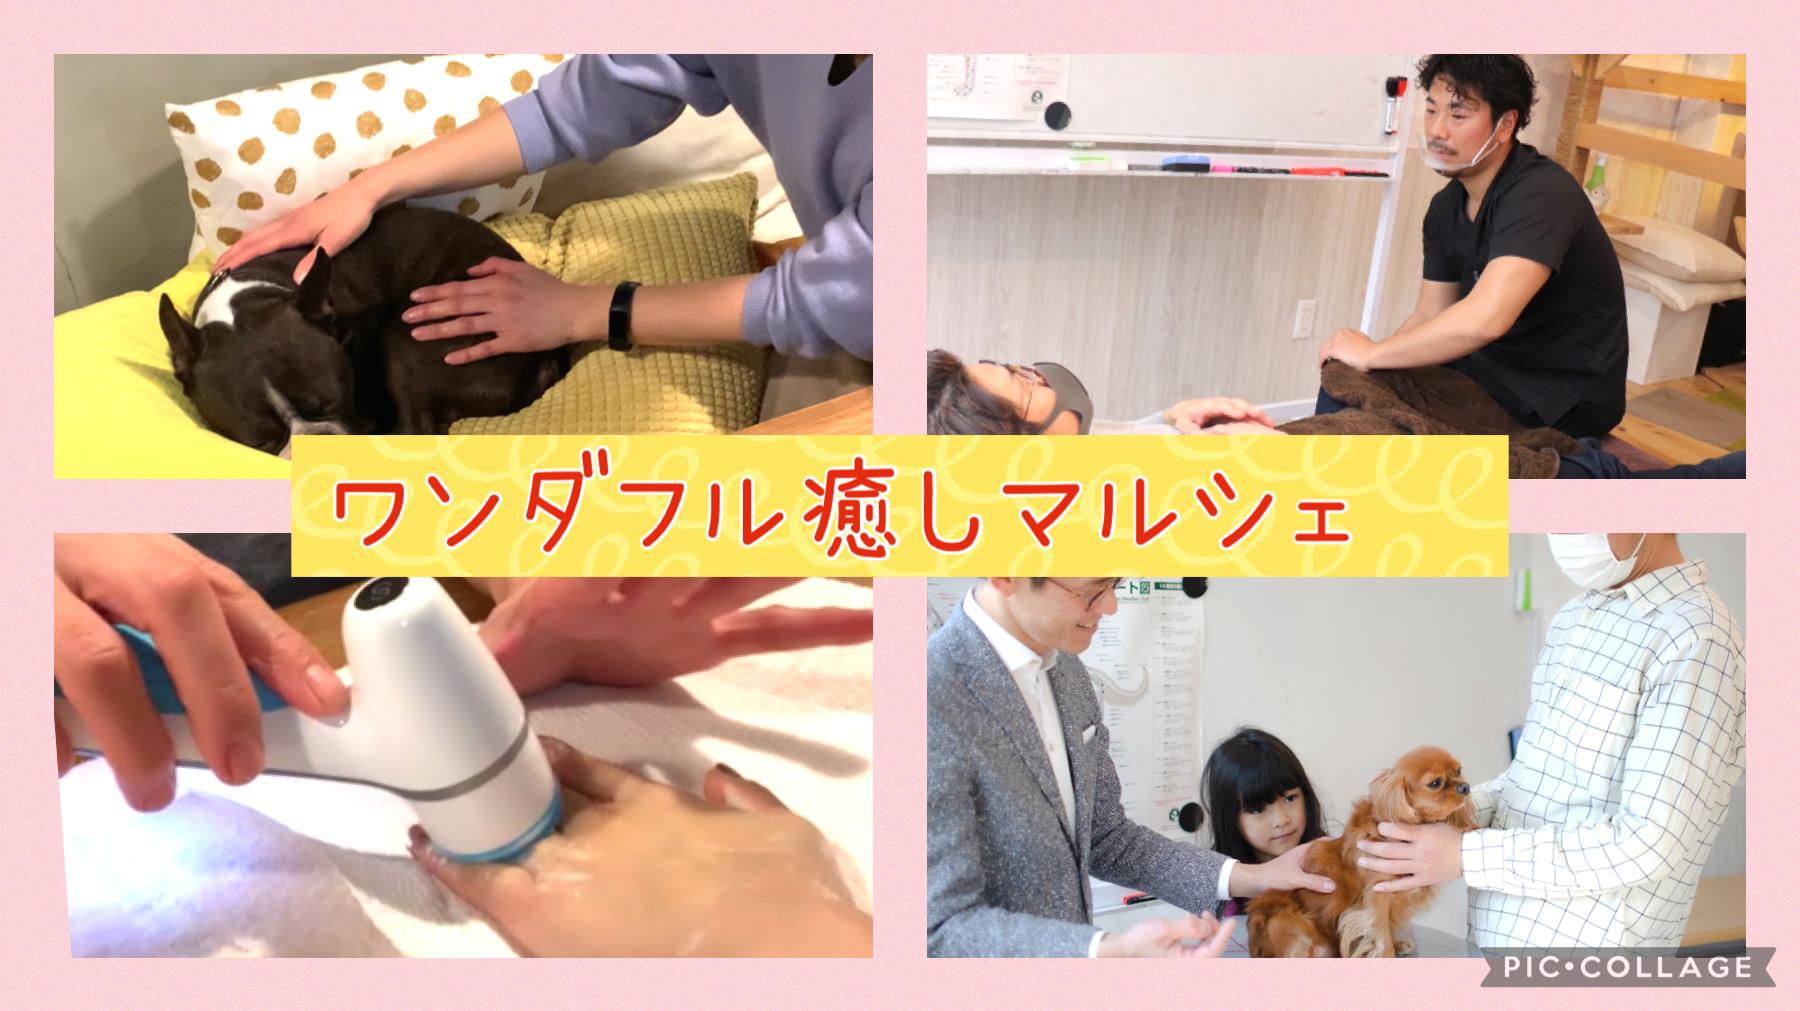 3/18 ワンダフル癒しマルシェ